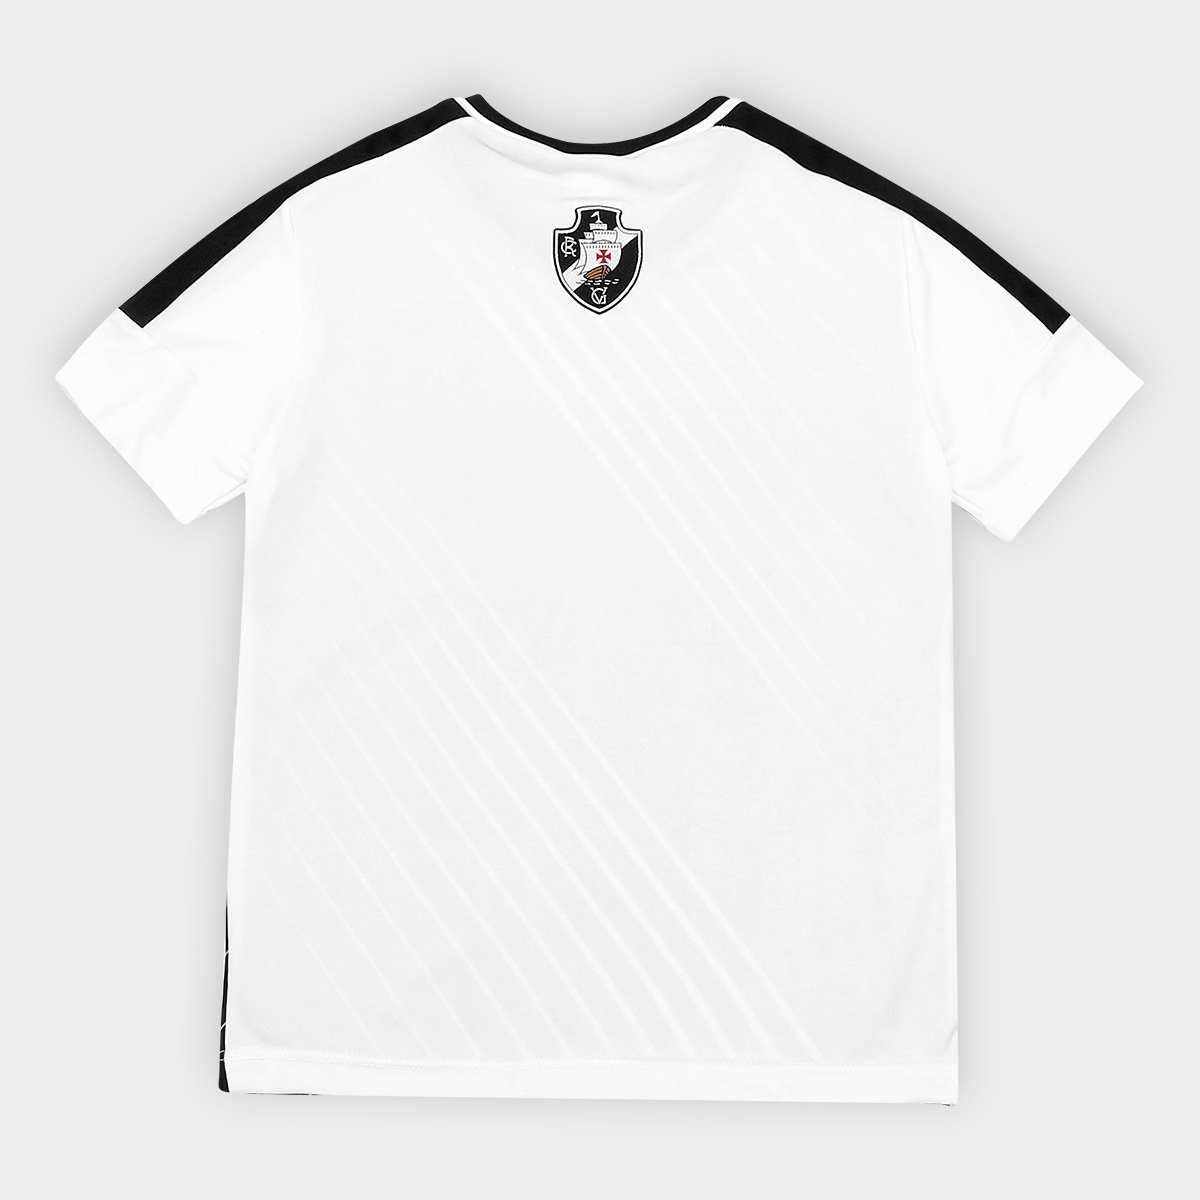 f9c39524c5 Camiseta do Vasco Infantil Strike  Camiseta do Vasco Infantil Strike ...